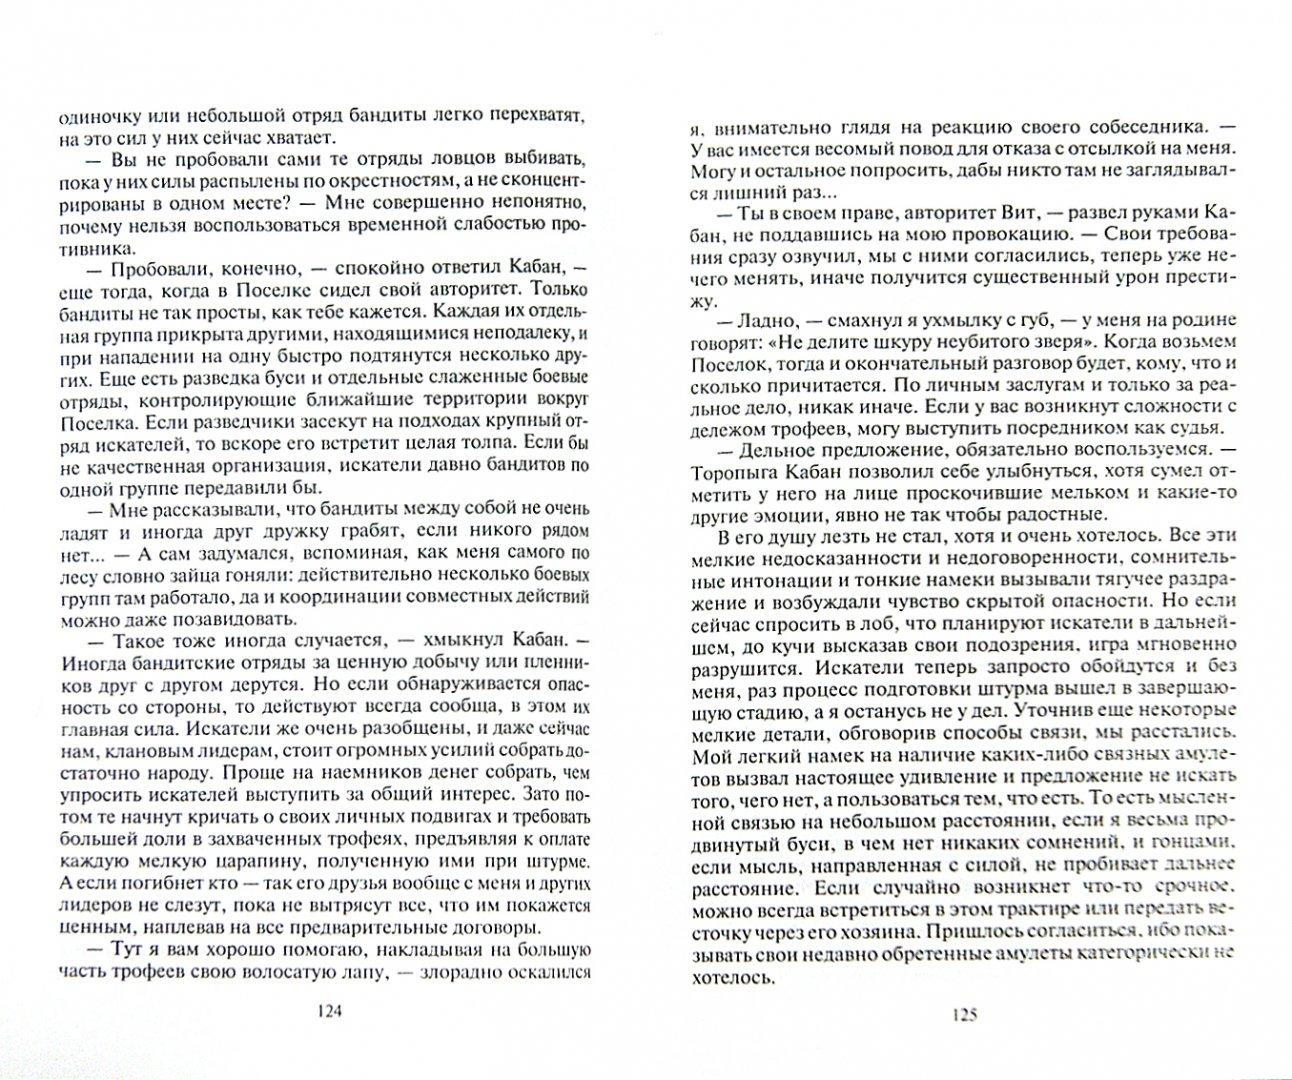 Иллюстрация 1 из 21 для За тенью ушедшего Алхимика - Алексей Абвов   Лабиринт - книги. Источник: Лабиринт